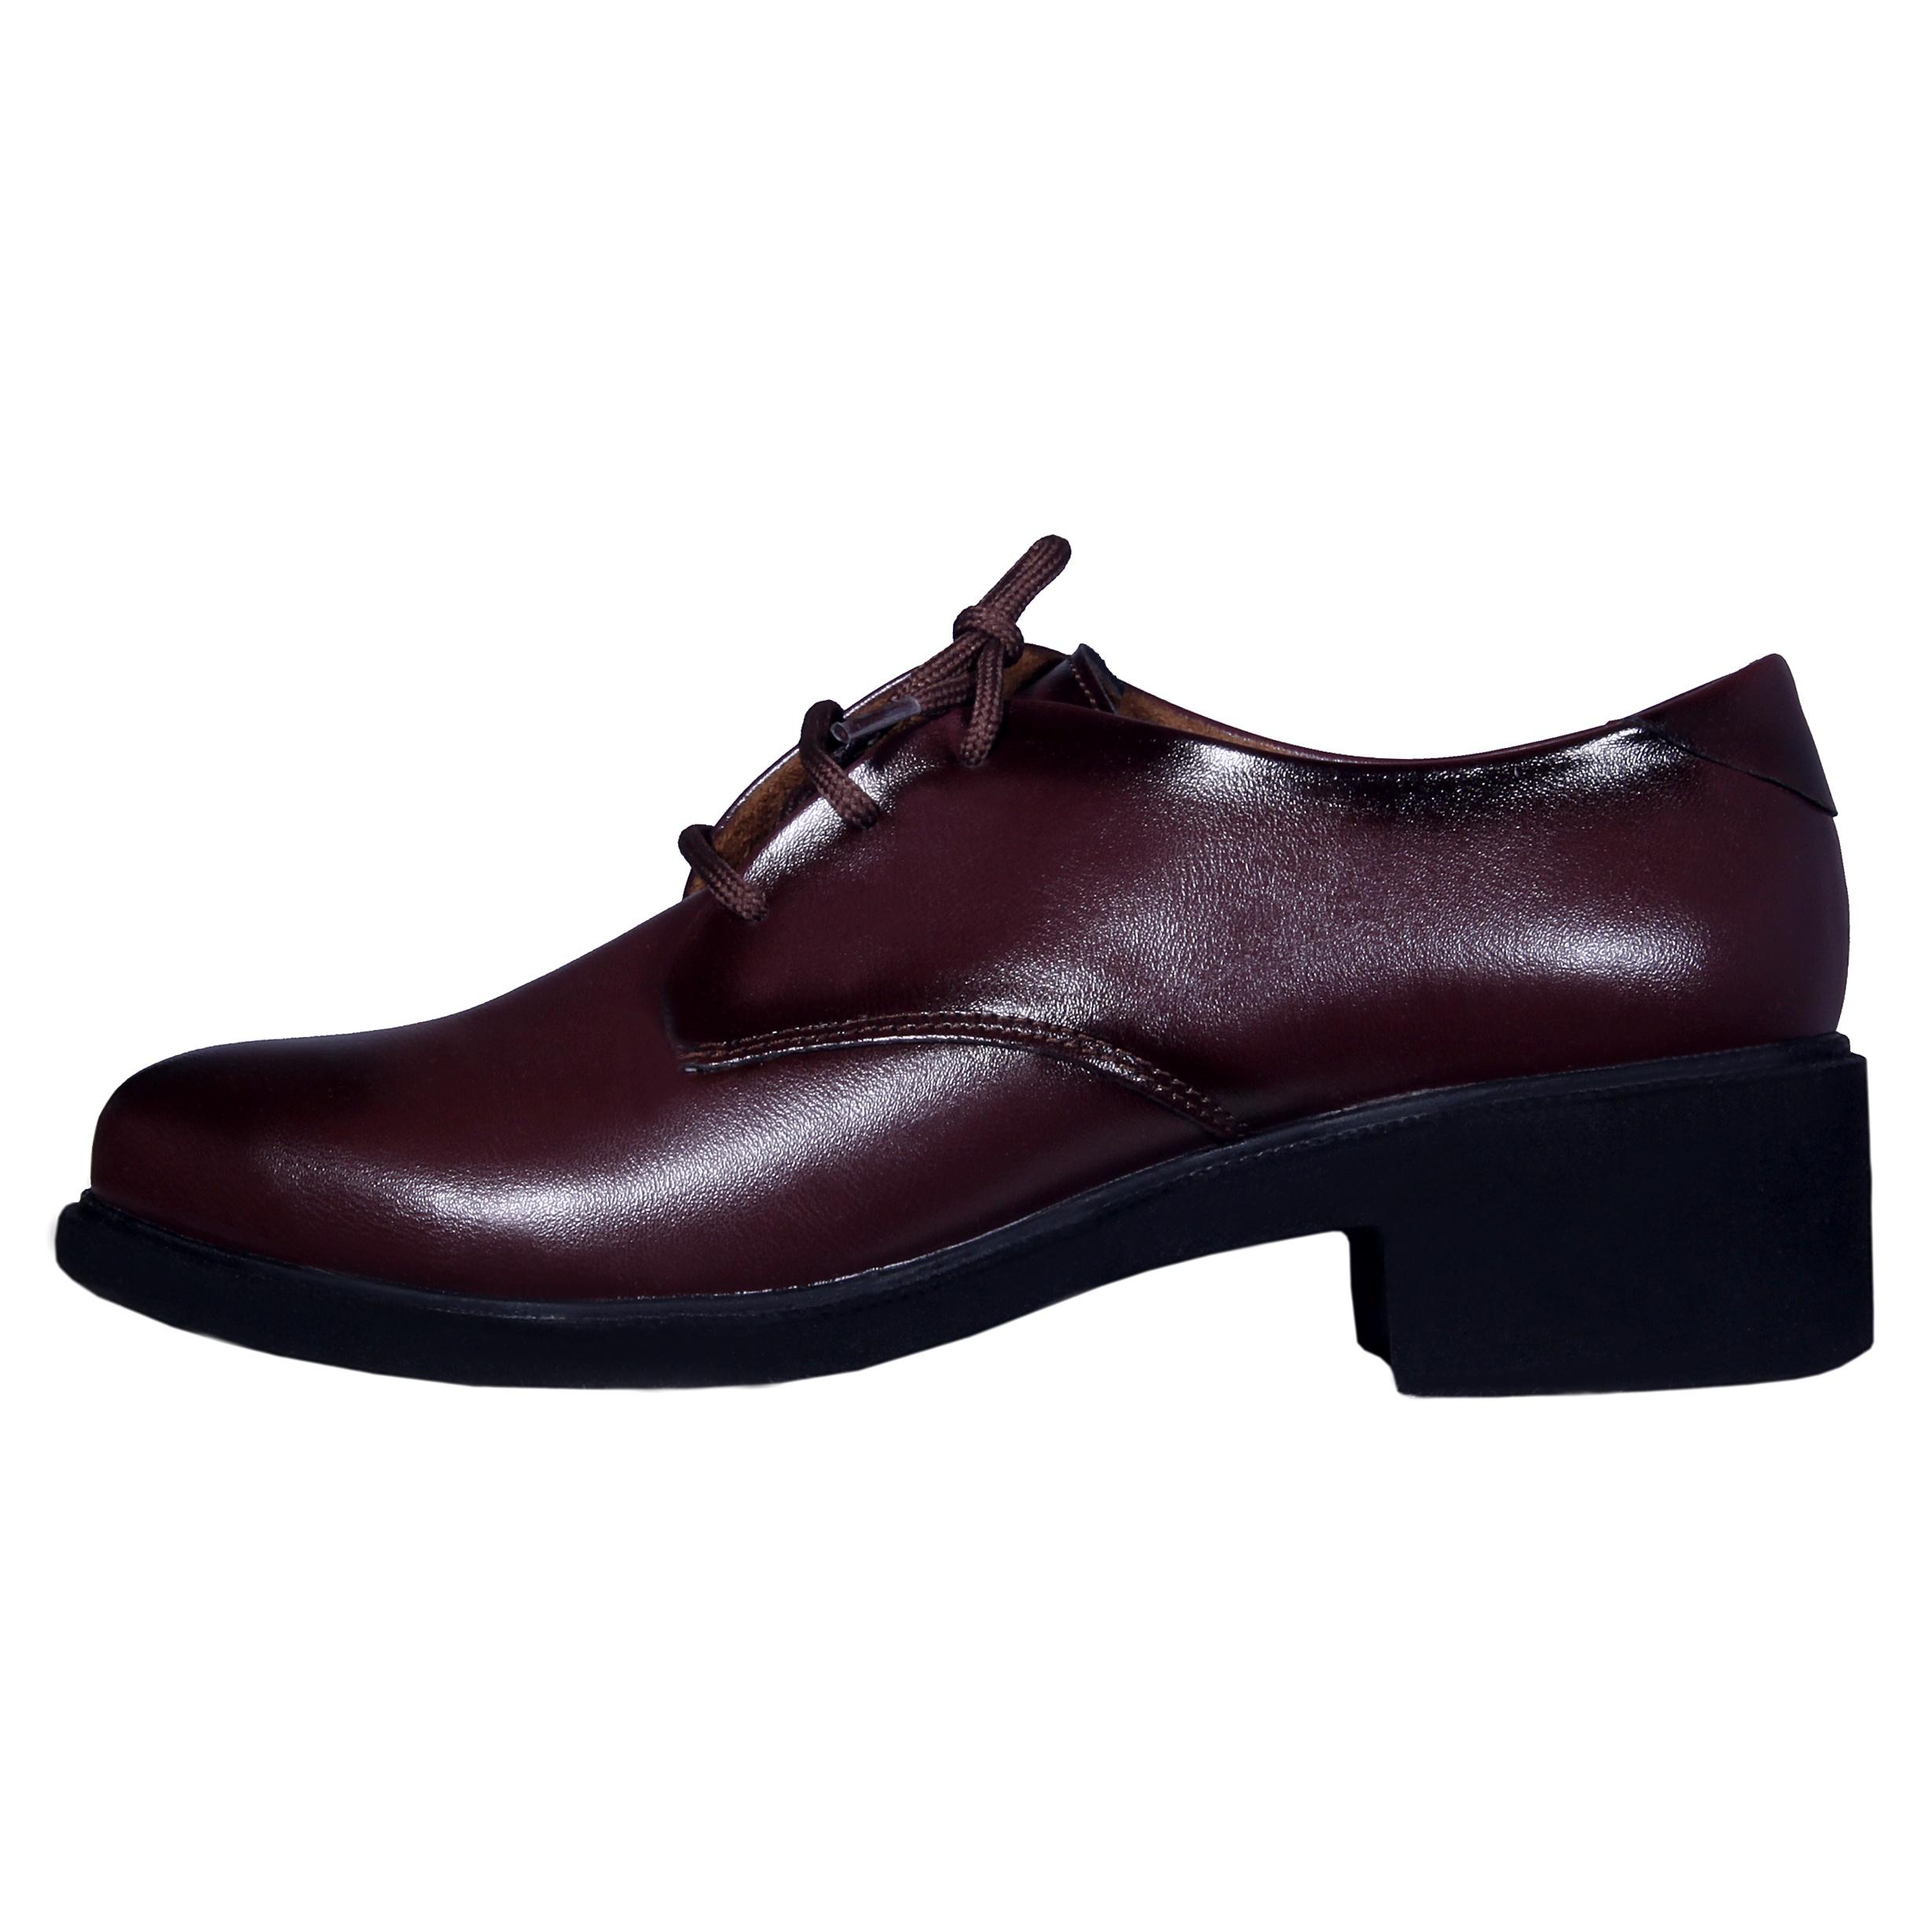 تصویر کفش زنانه ونوس مدل شیوا کد 88